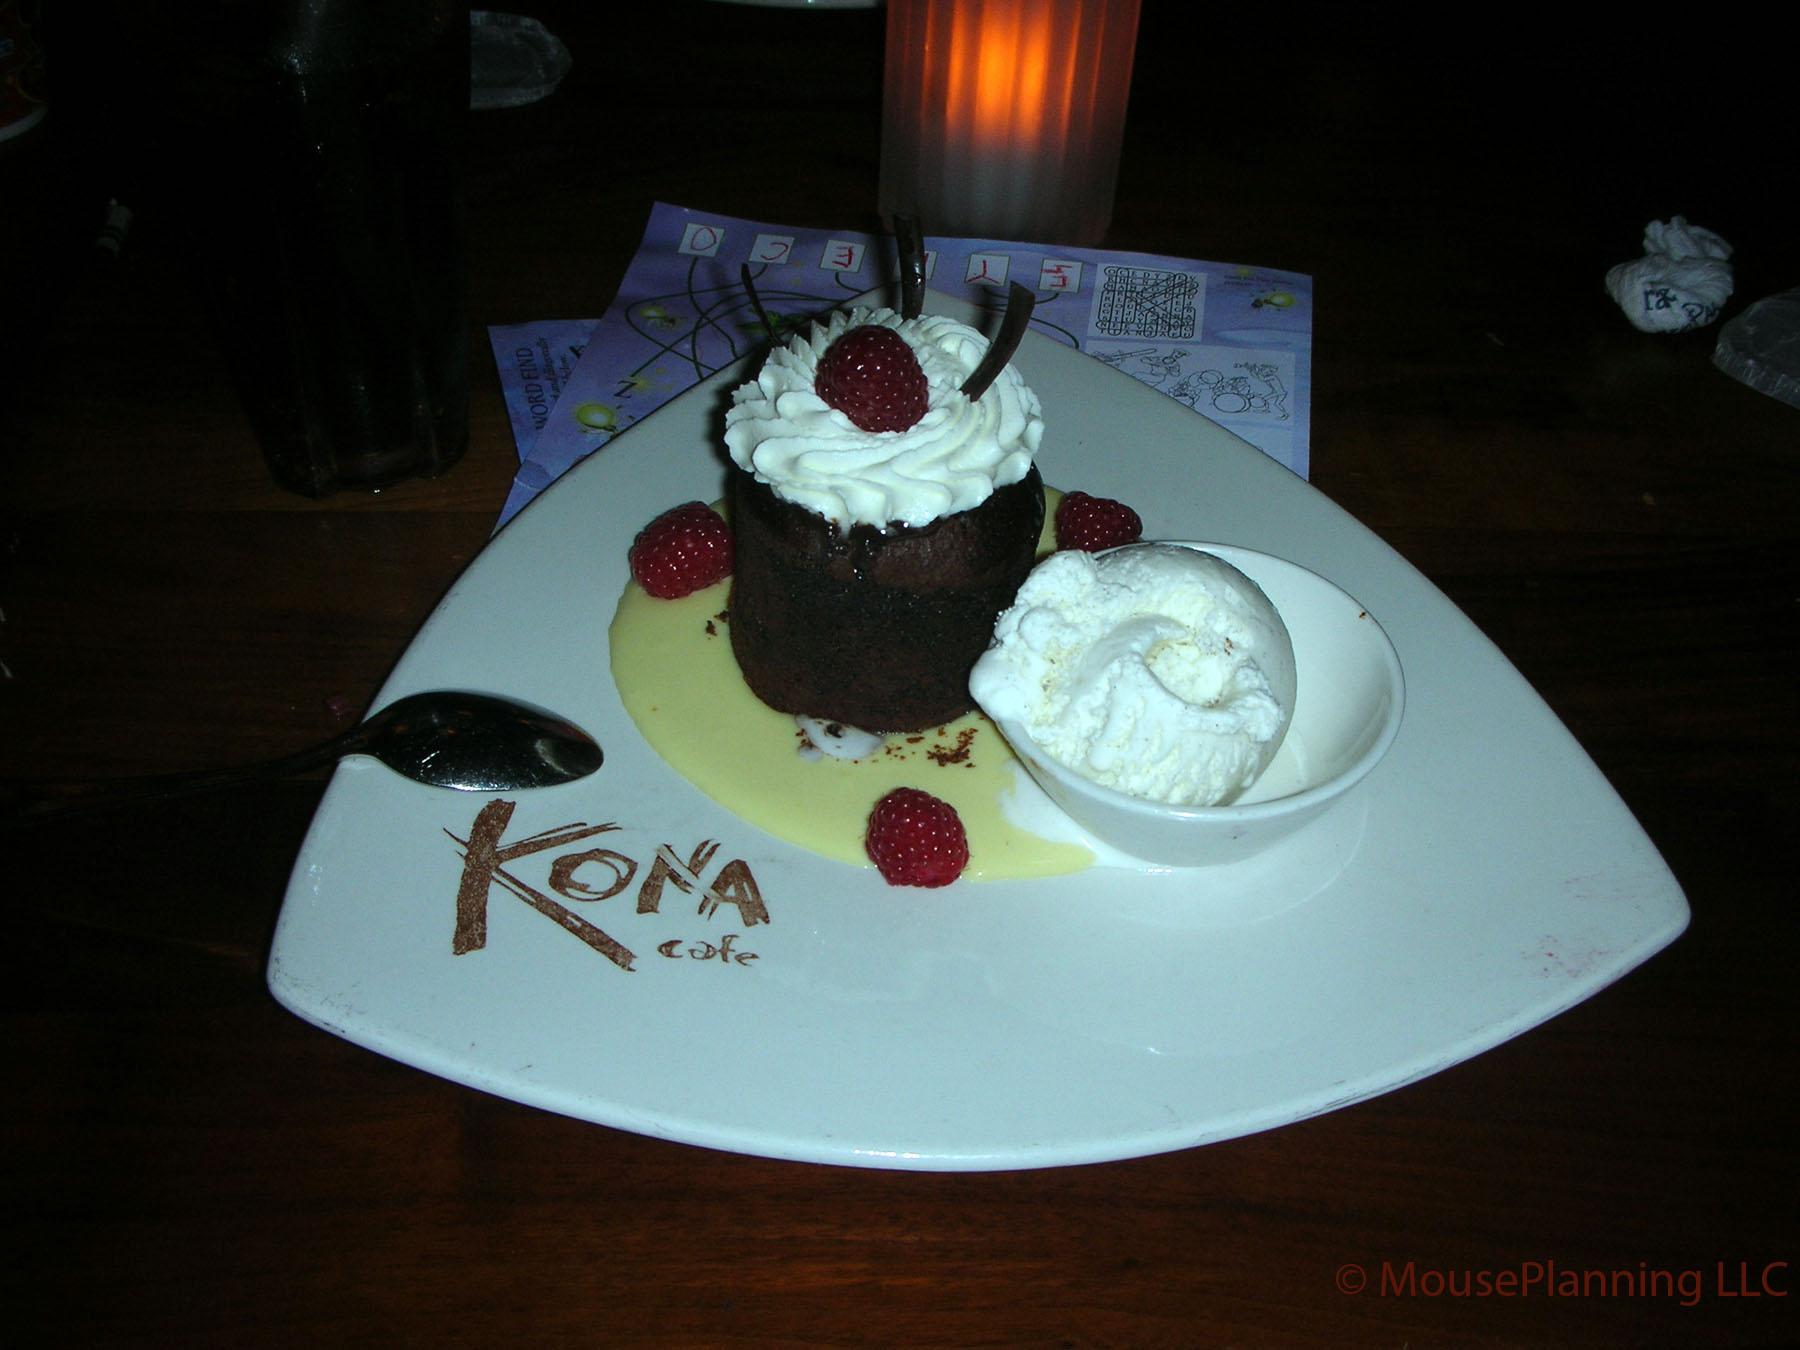 Kona Cafe Dessert - Chocolate Torte